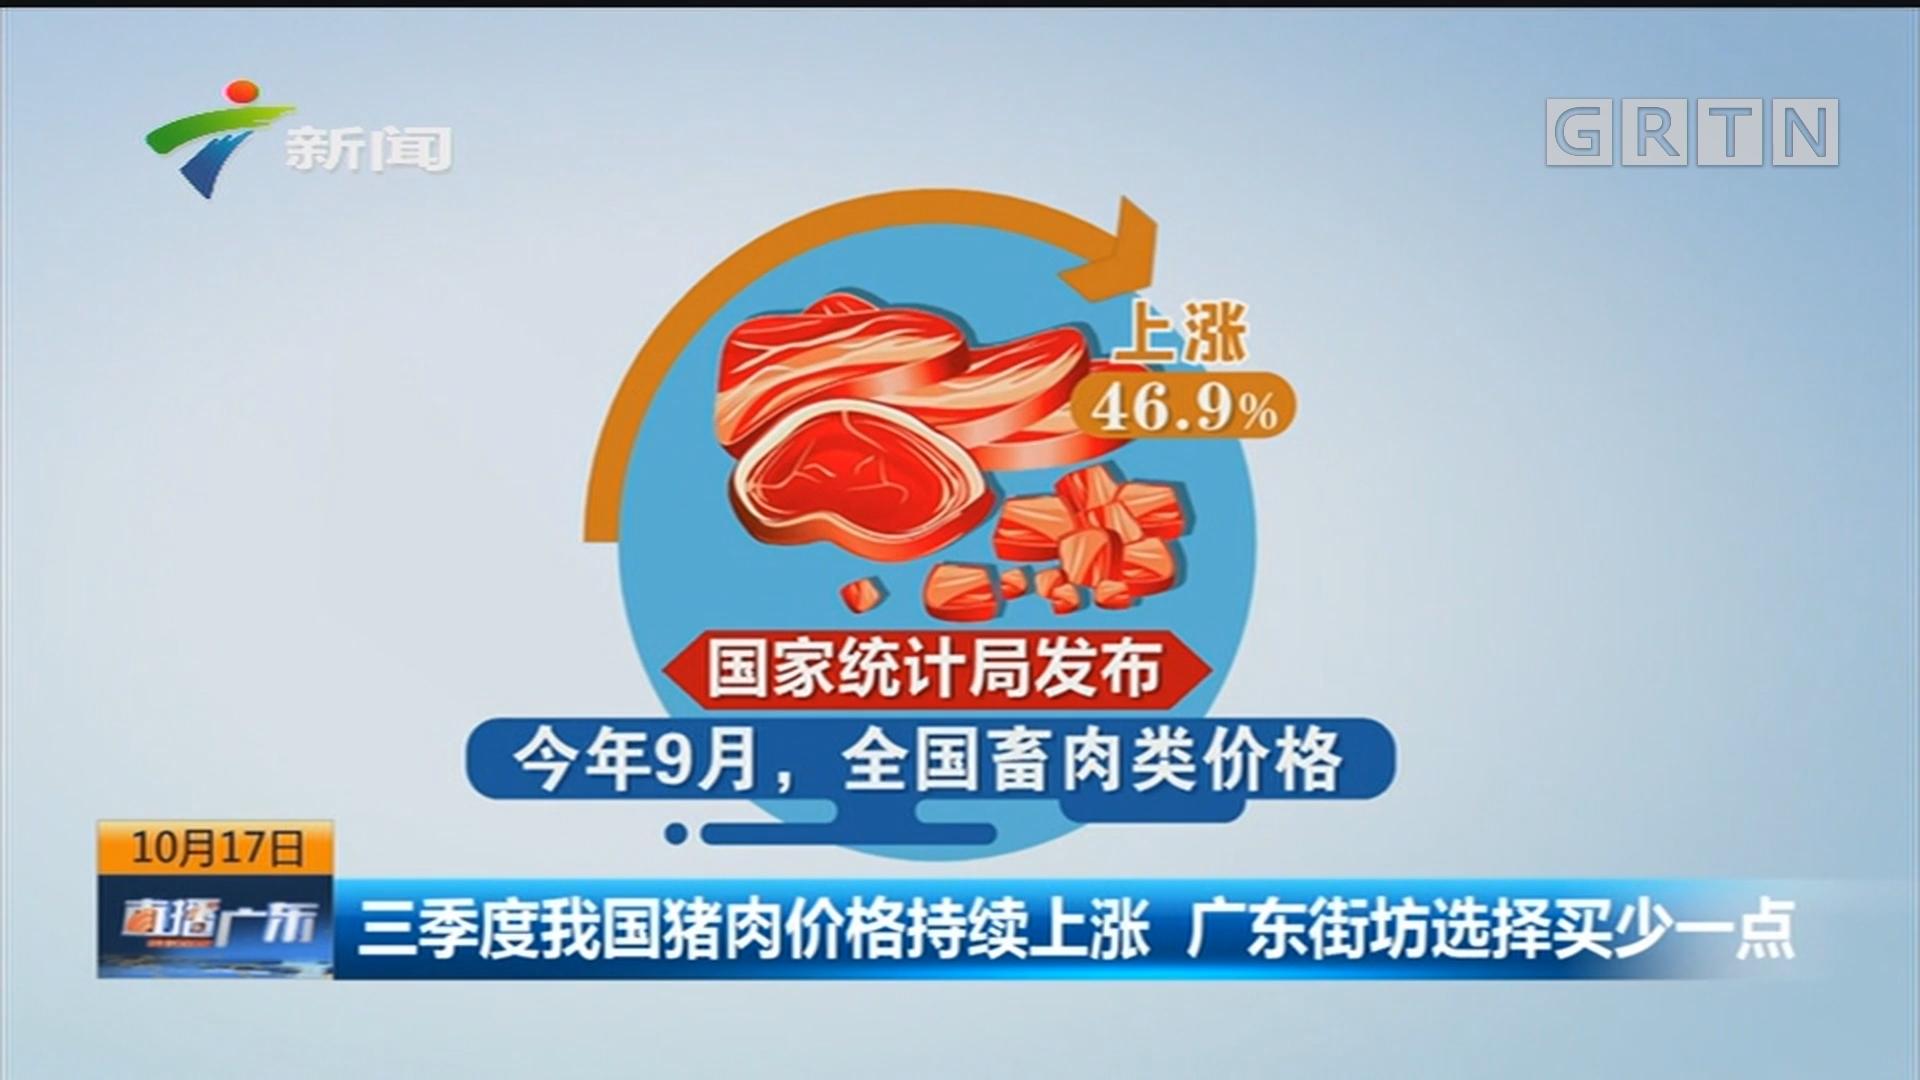 三季度我国猪肉价格持续上涨 广东街坊选择买少一点